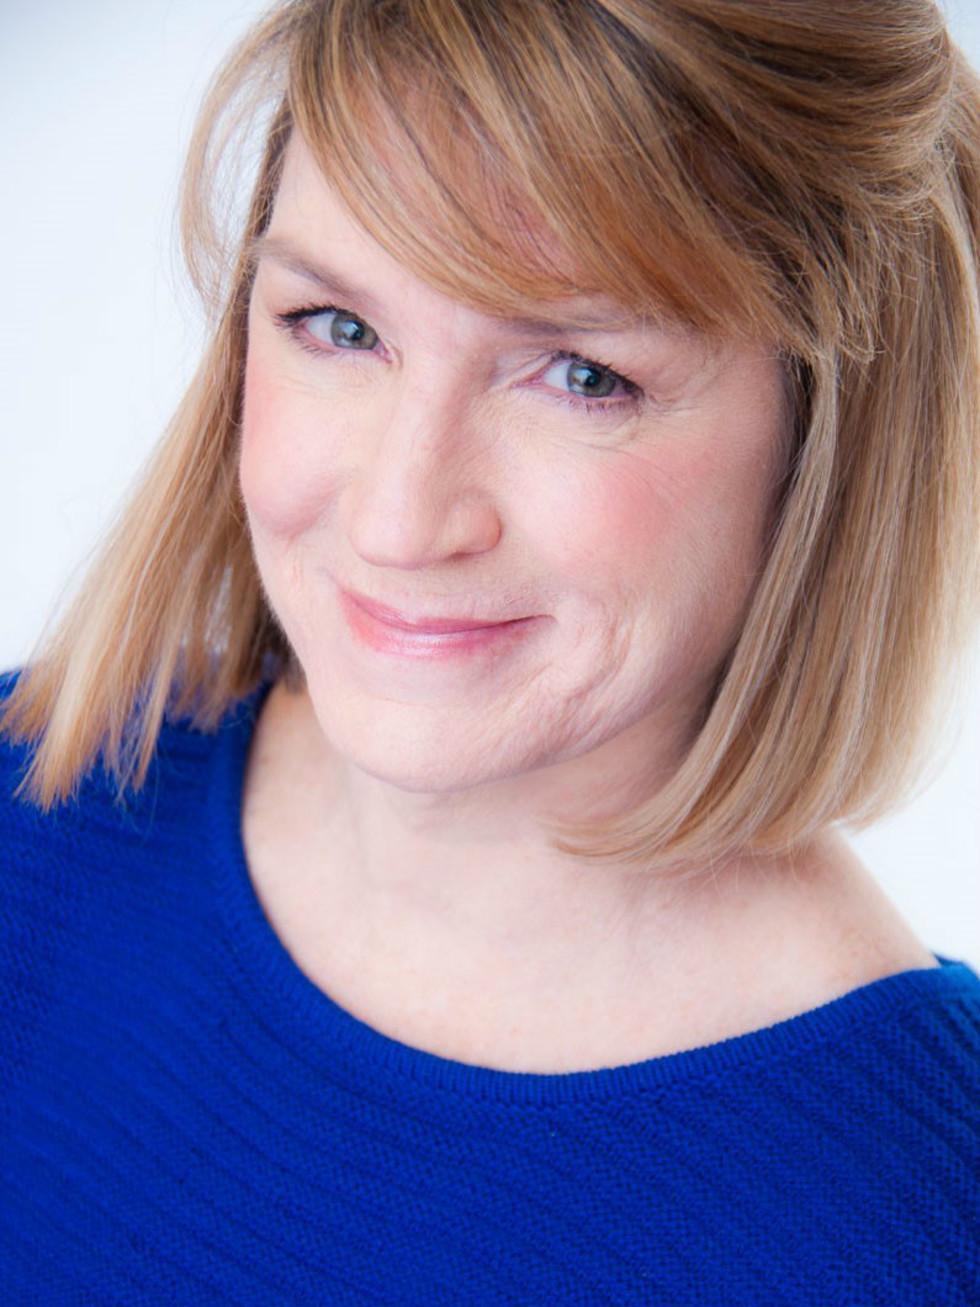 Dallas actress Lisa Fairchild